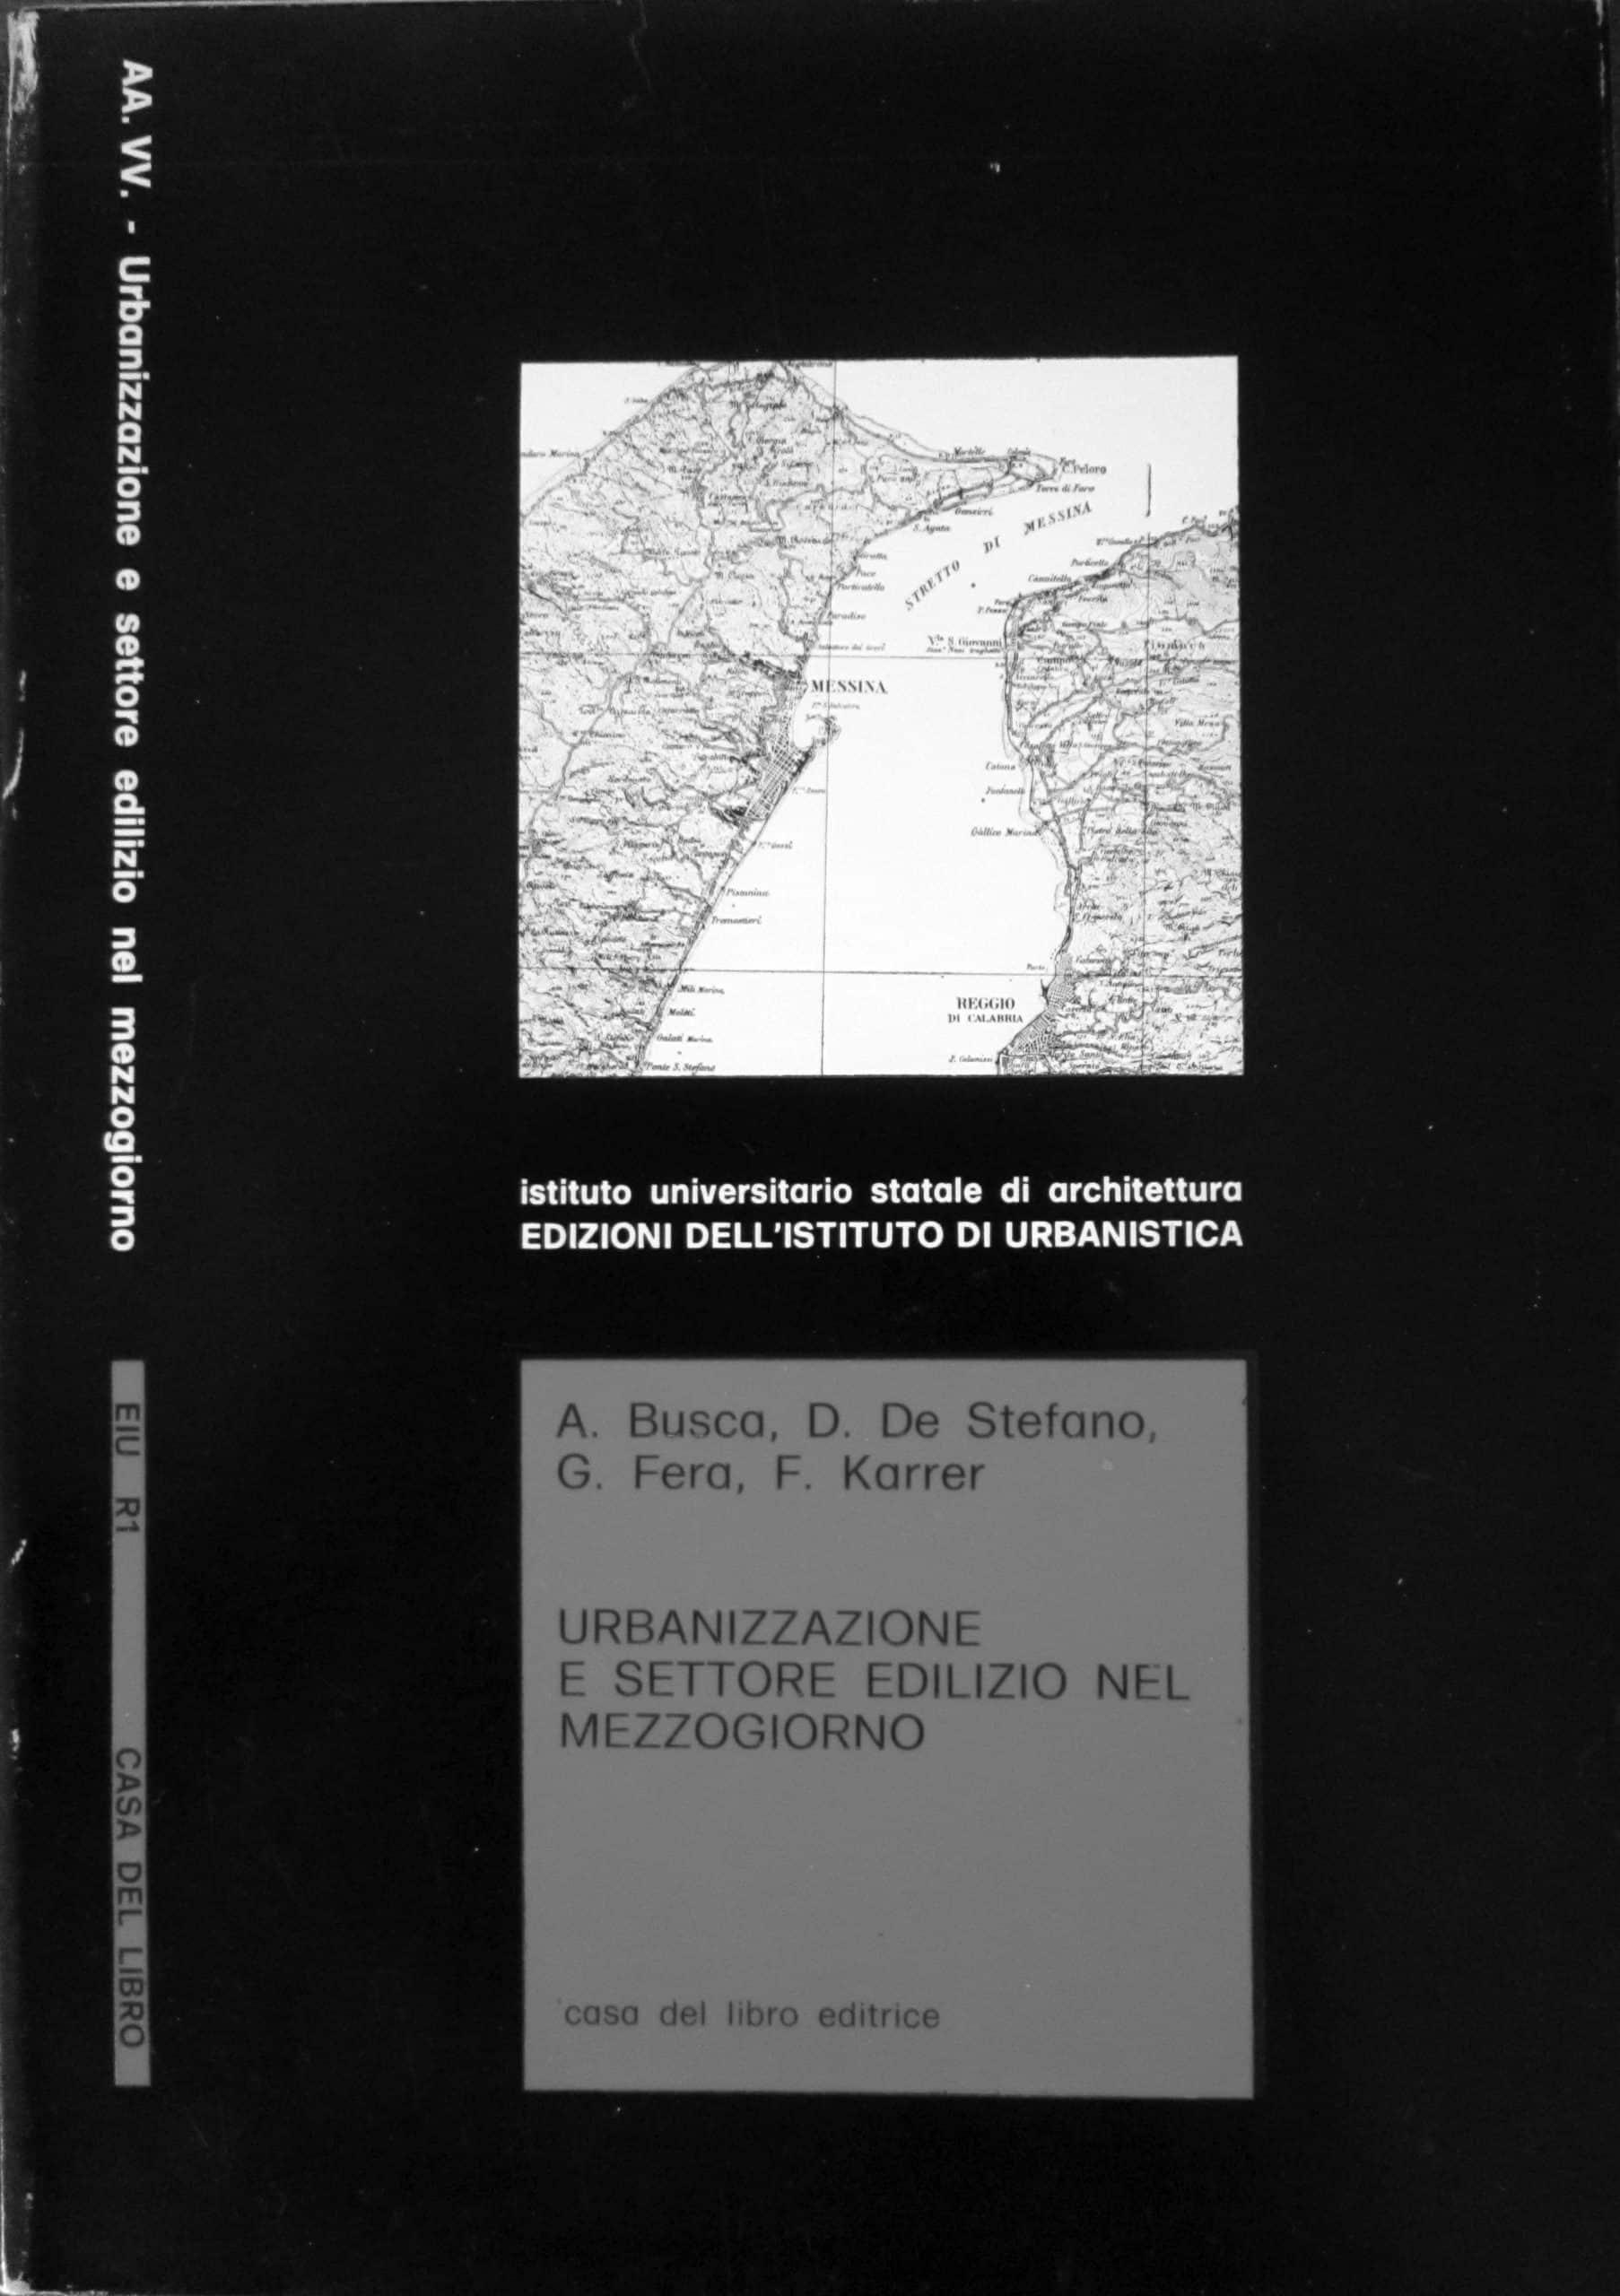 5 - Urbanizzazione e settore edilizio nel Mezzogiorno, Casa del Libro Editore, Reggio Calabria 1977; con D. De Stefano, G. Fera e F. Karrer - Copertina